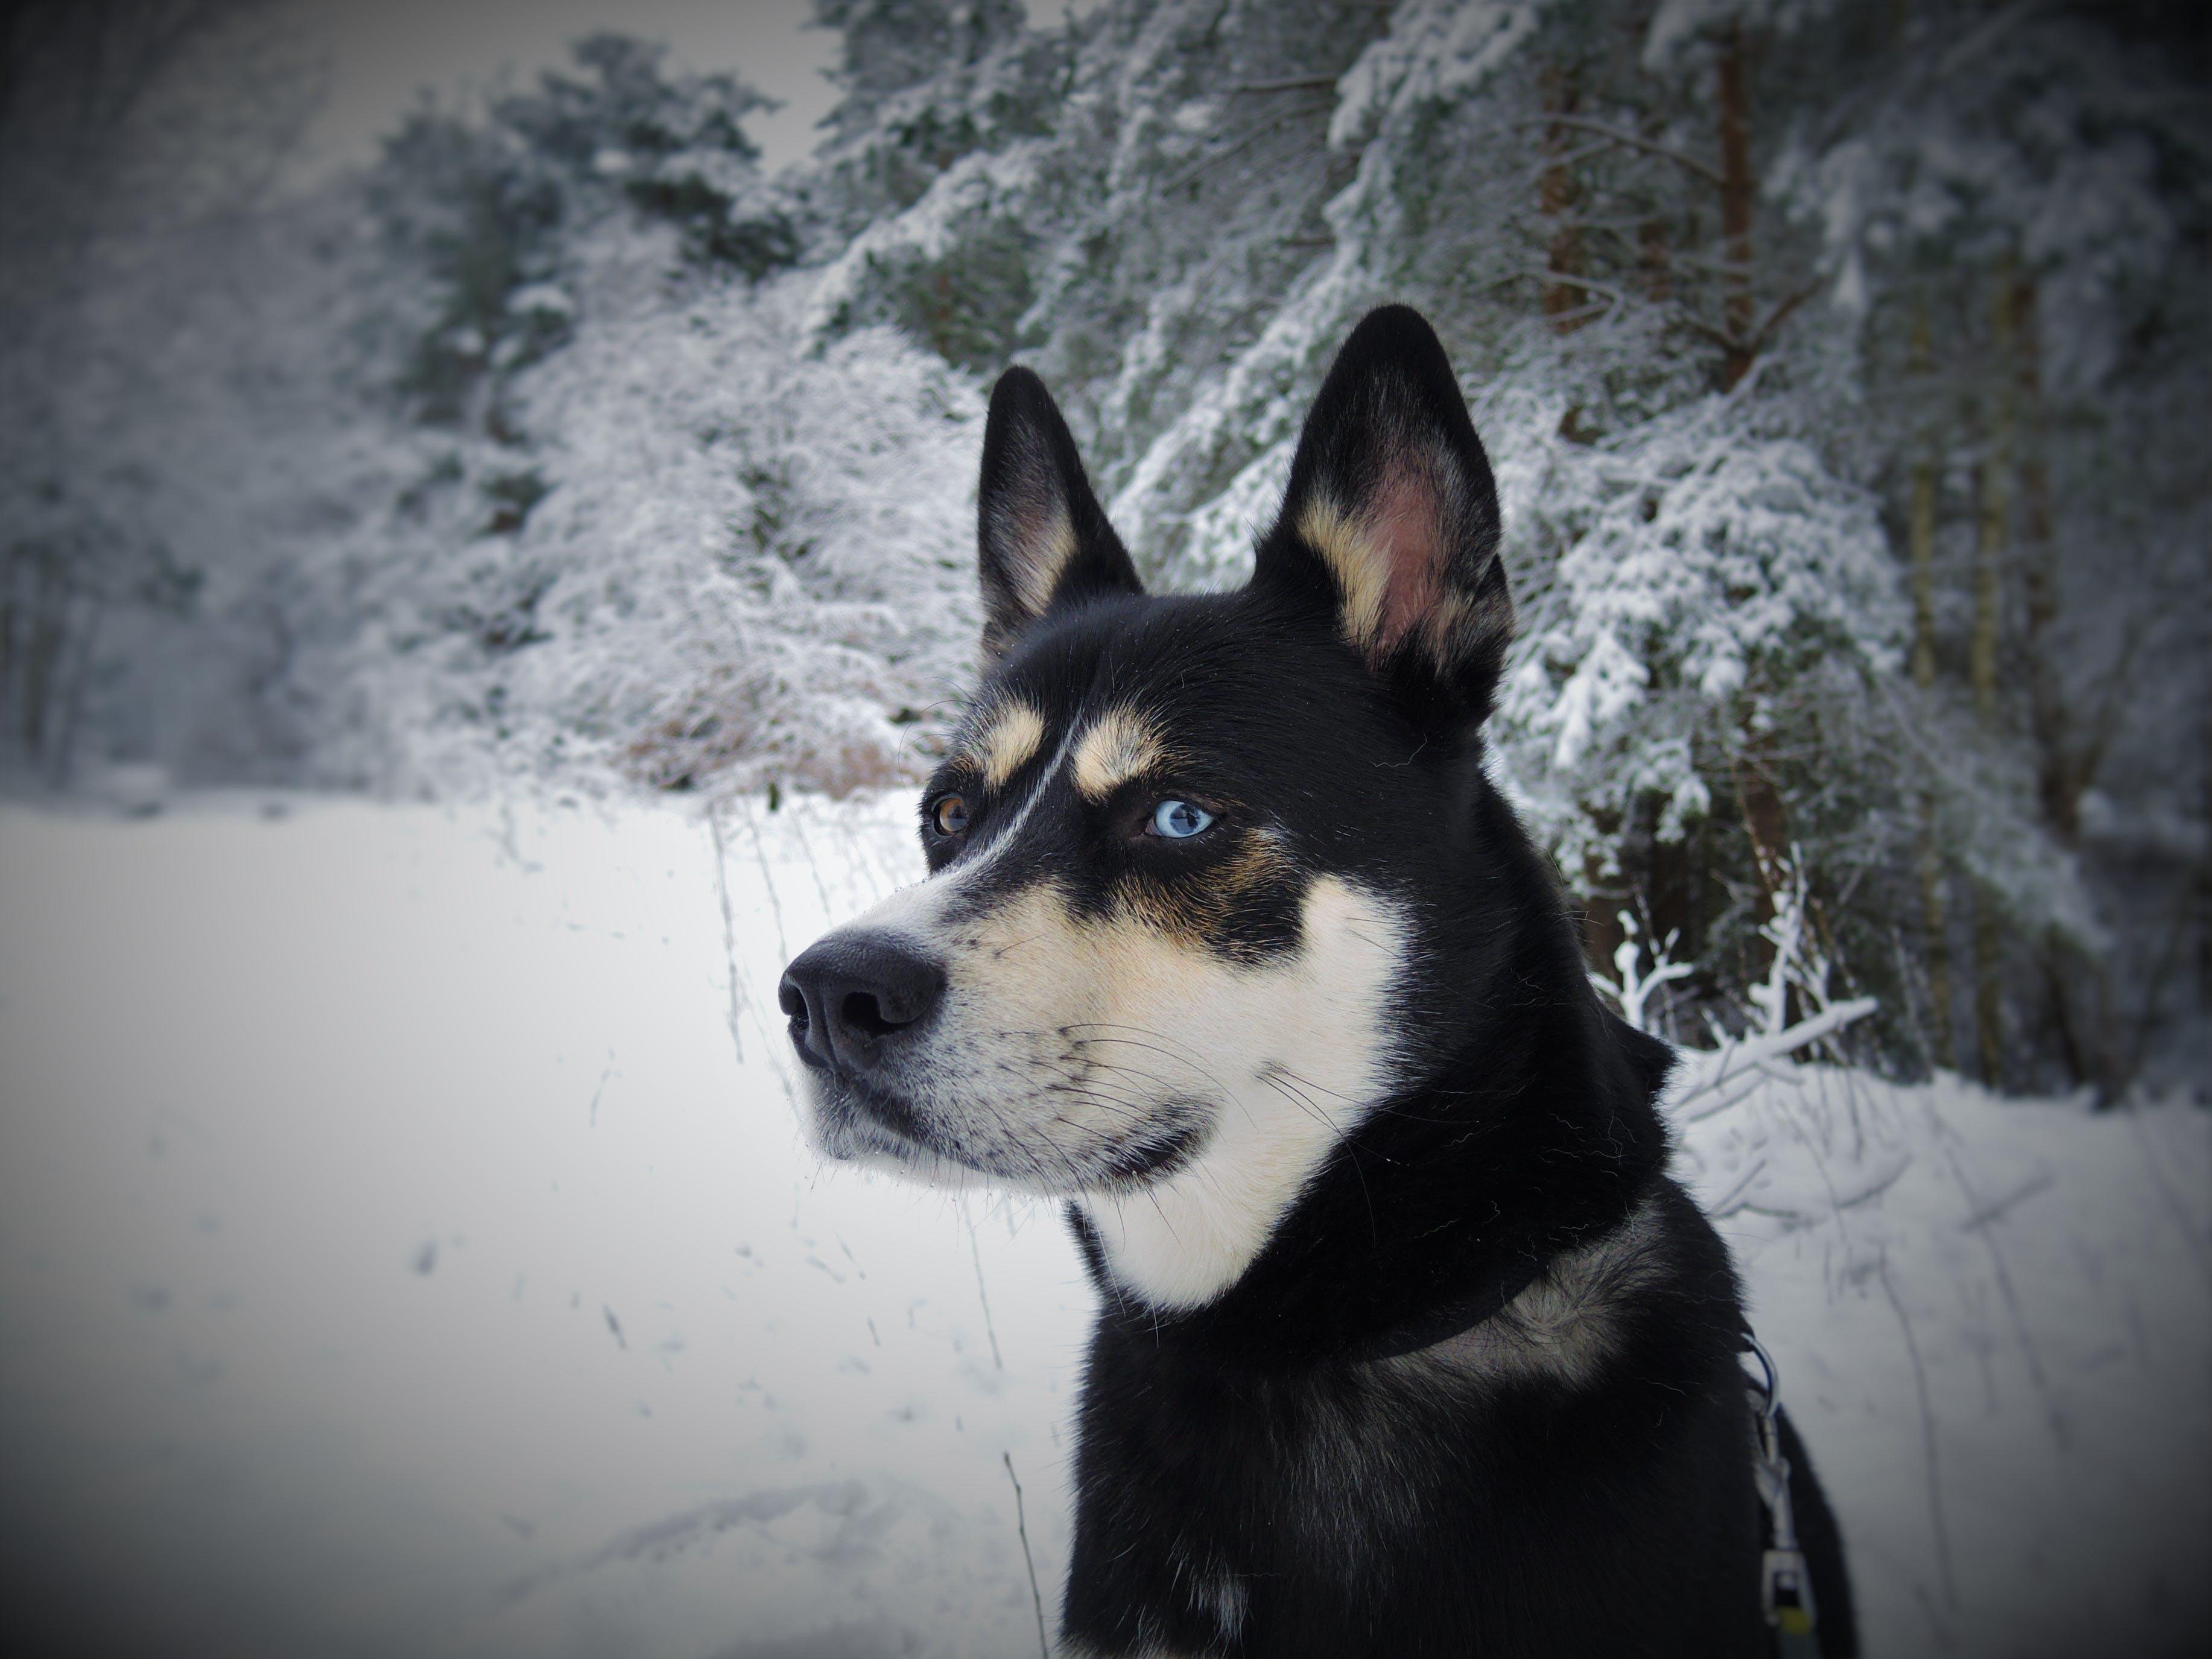 コールド, シベリアンハスキー, ペット, 冬の無料の写真素材